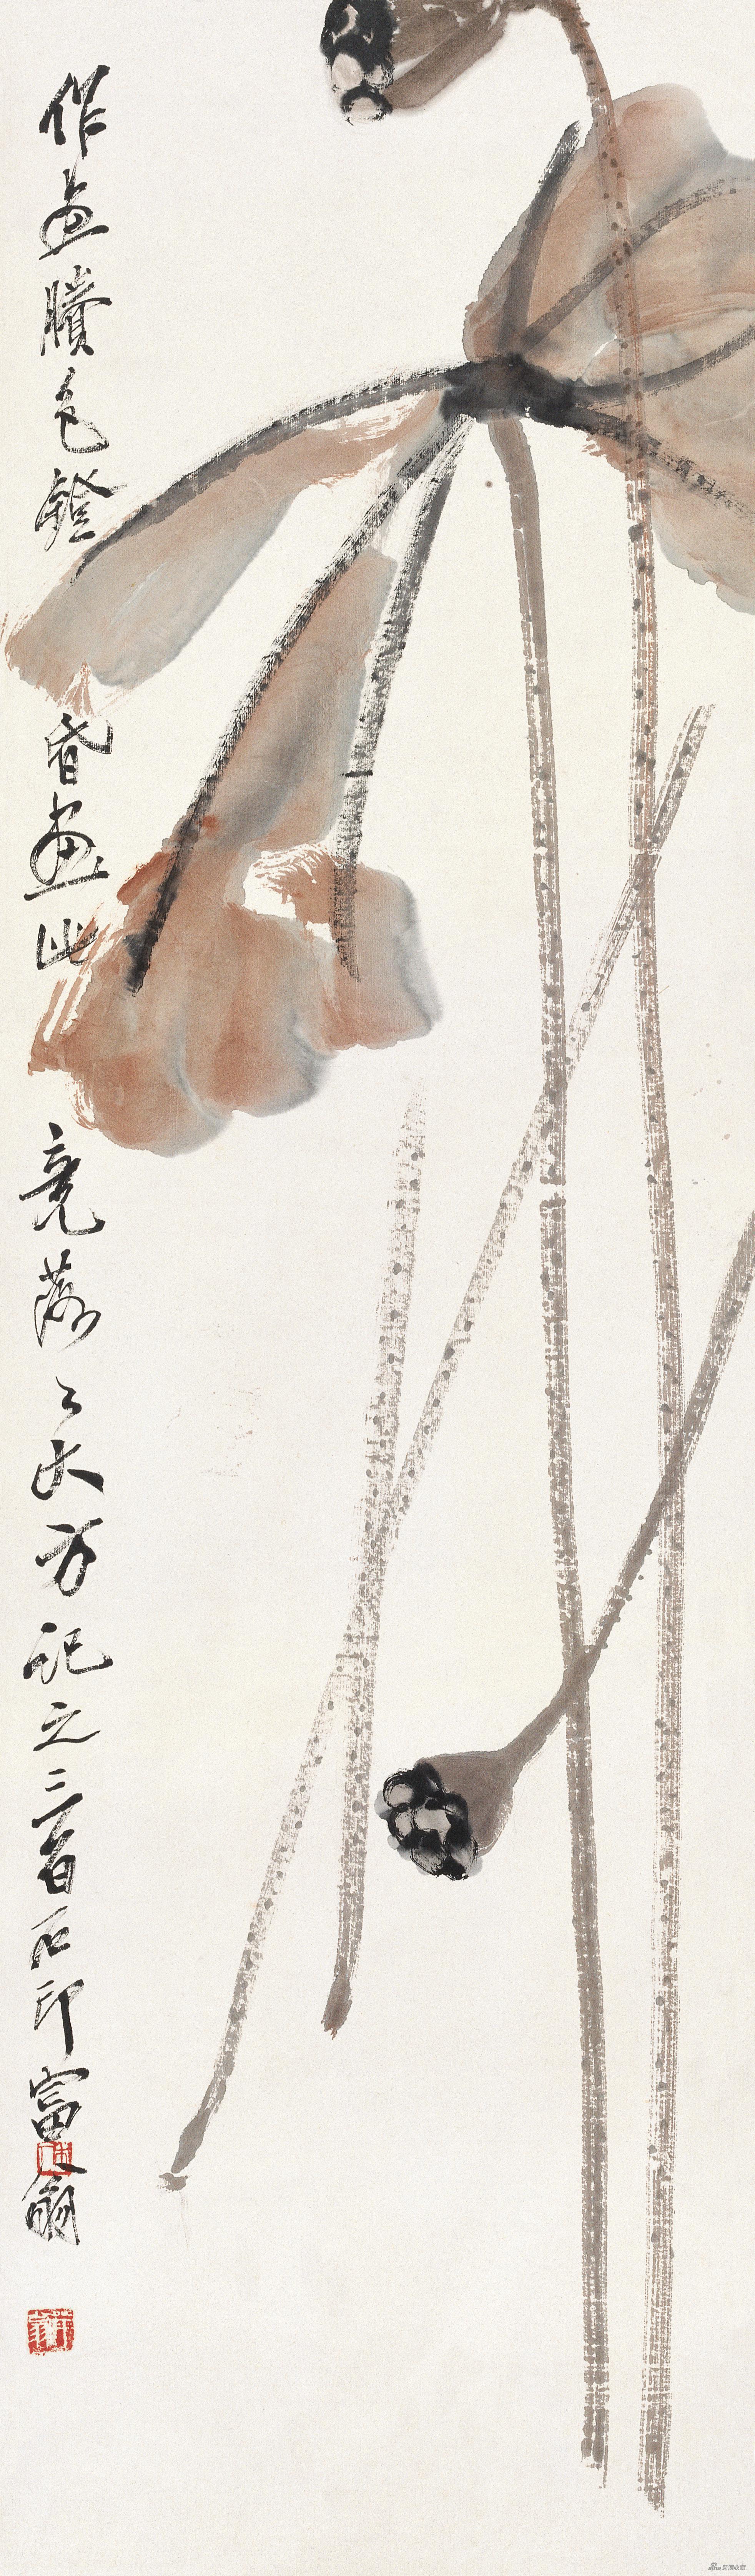 残荷 齐白石 117cm×34cm 无年款 纸本设色 北京画院藏